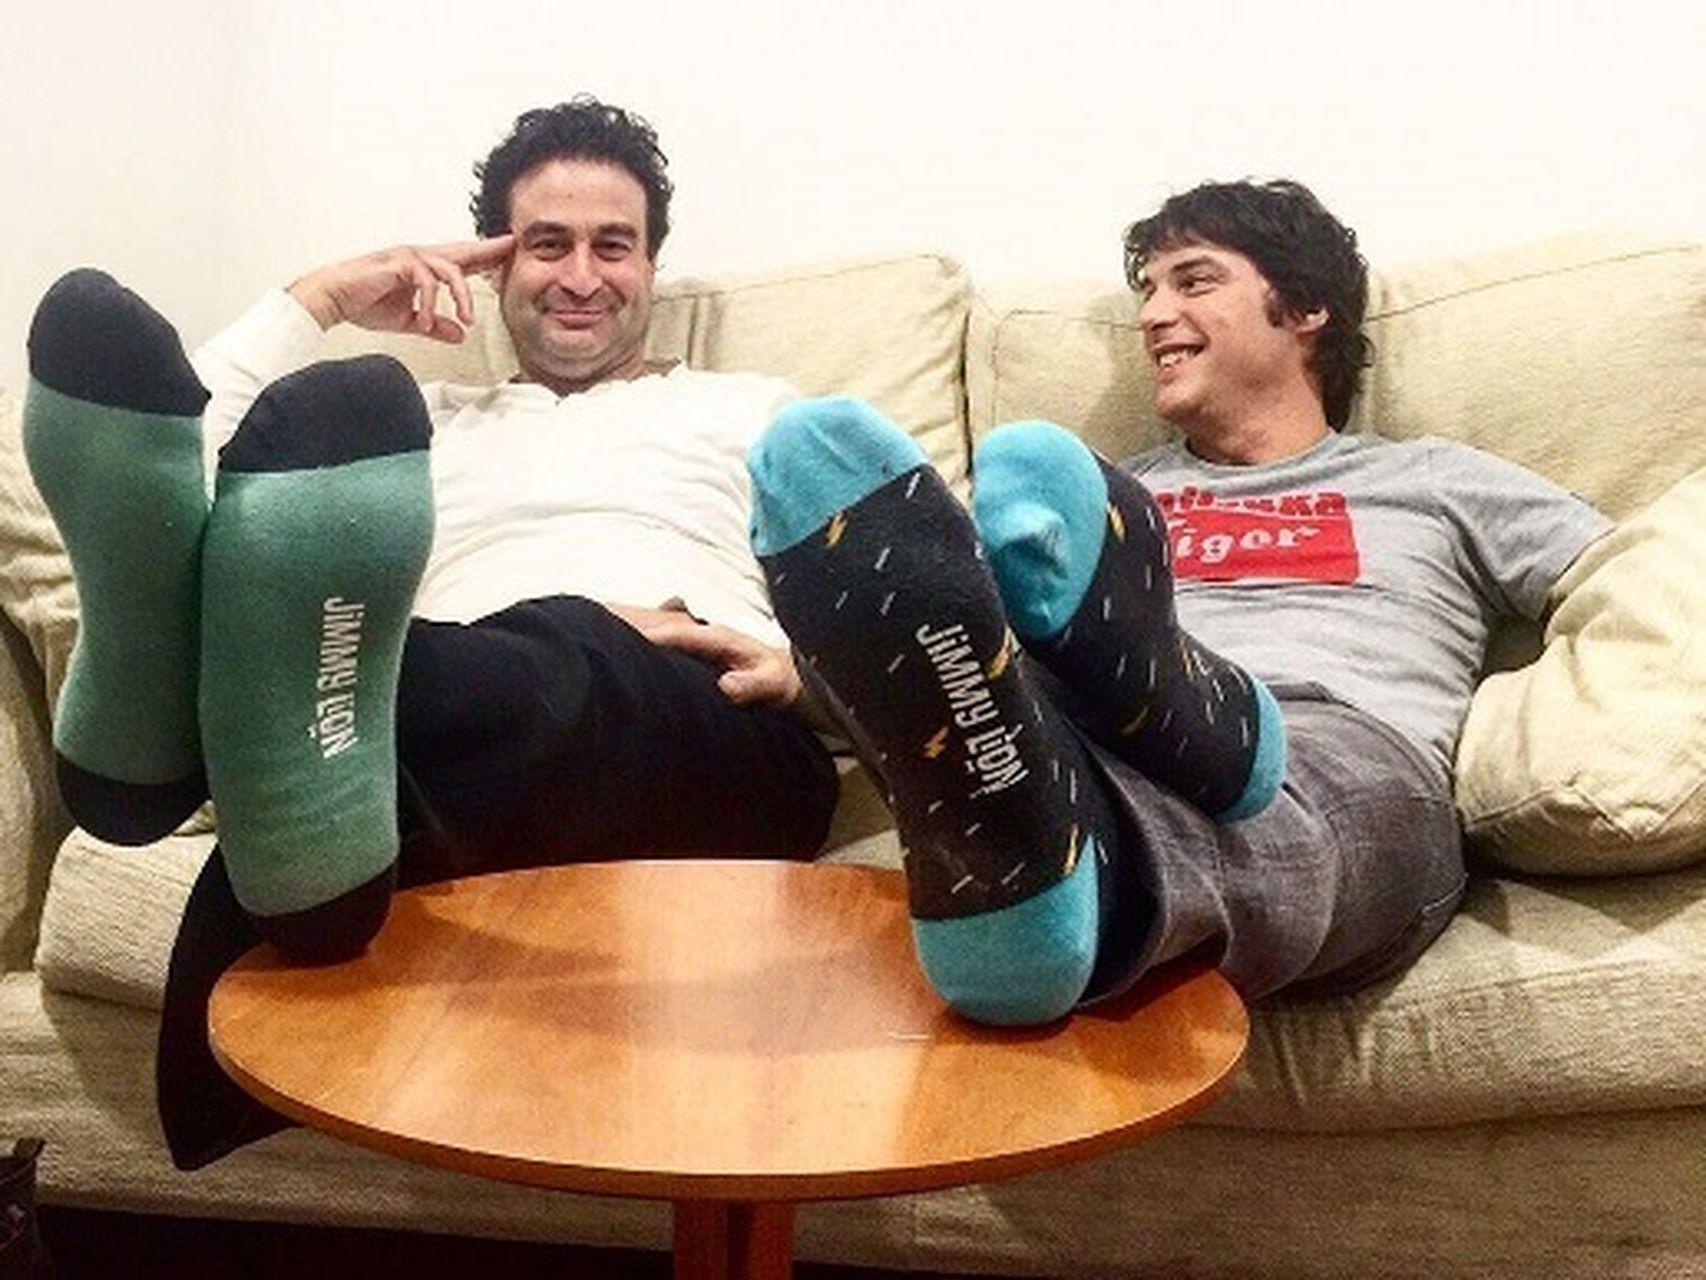 Calcetines y pies adolescentes